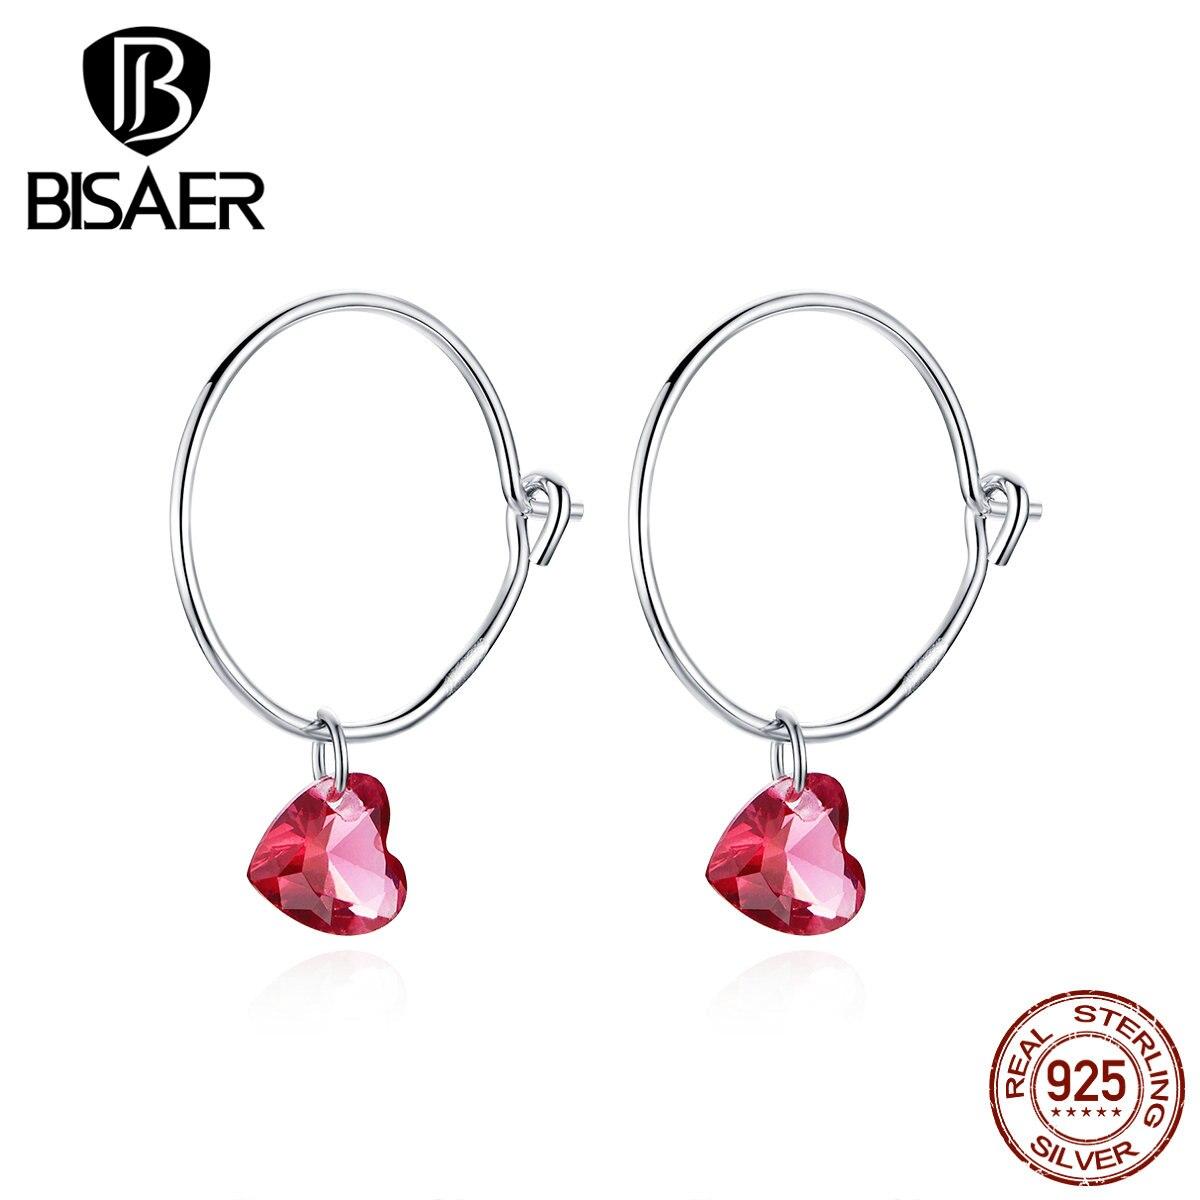 Big Round Earrings BISAER 925 Sterling Silver Hyperbole Pink Cubic Zircon Love Heart Stud Earrings For Women Jewelry EFE317